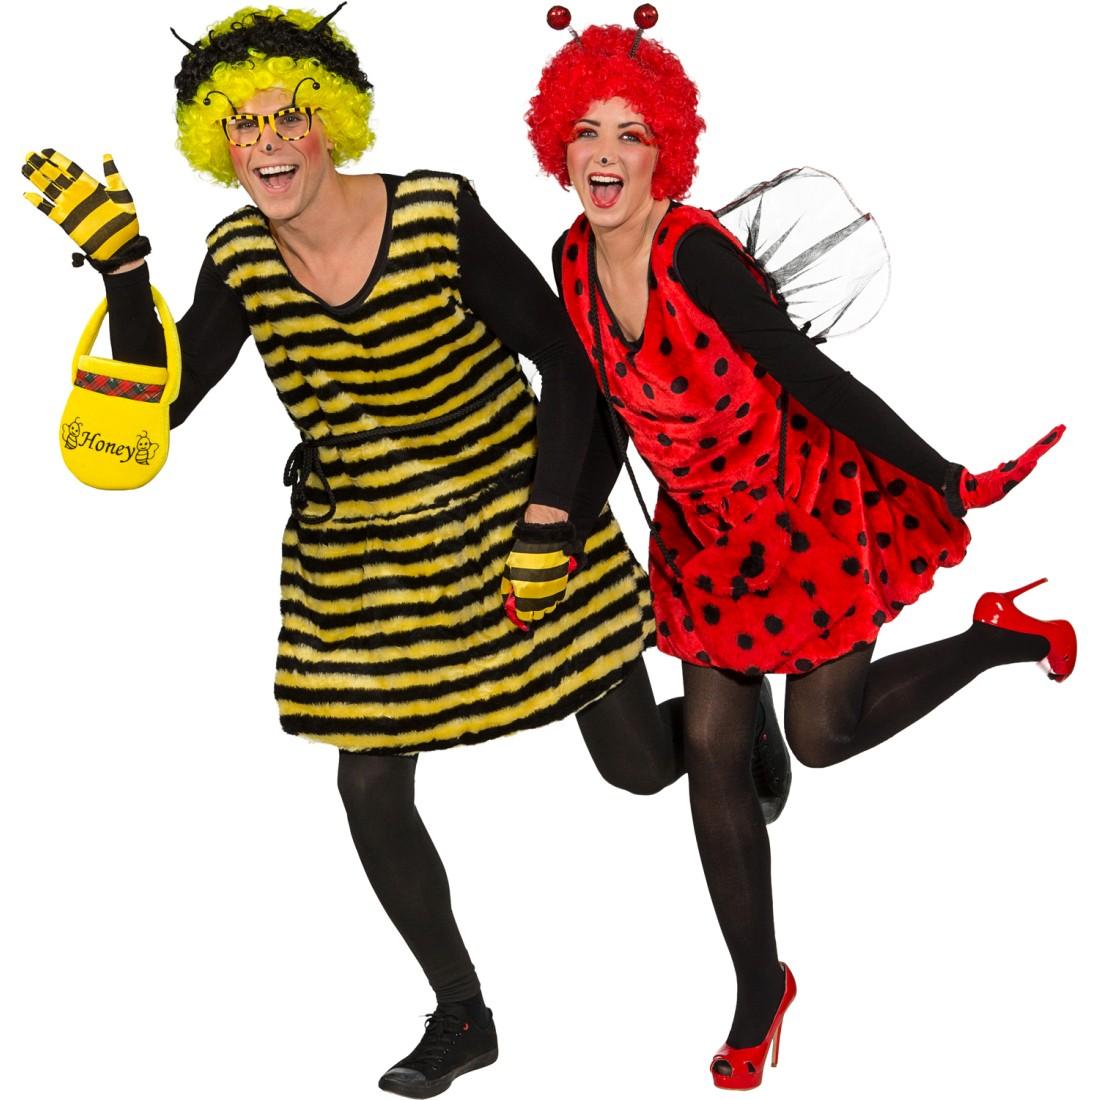 Flotte Biene Maja Kostum Kostume 33 99